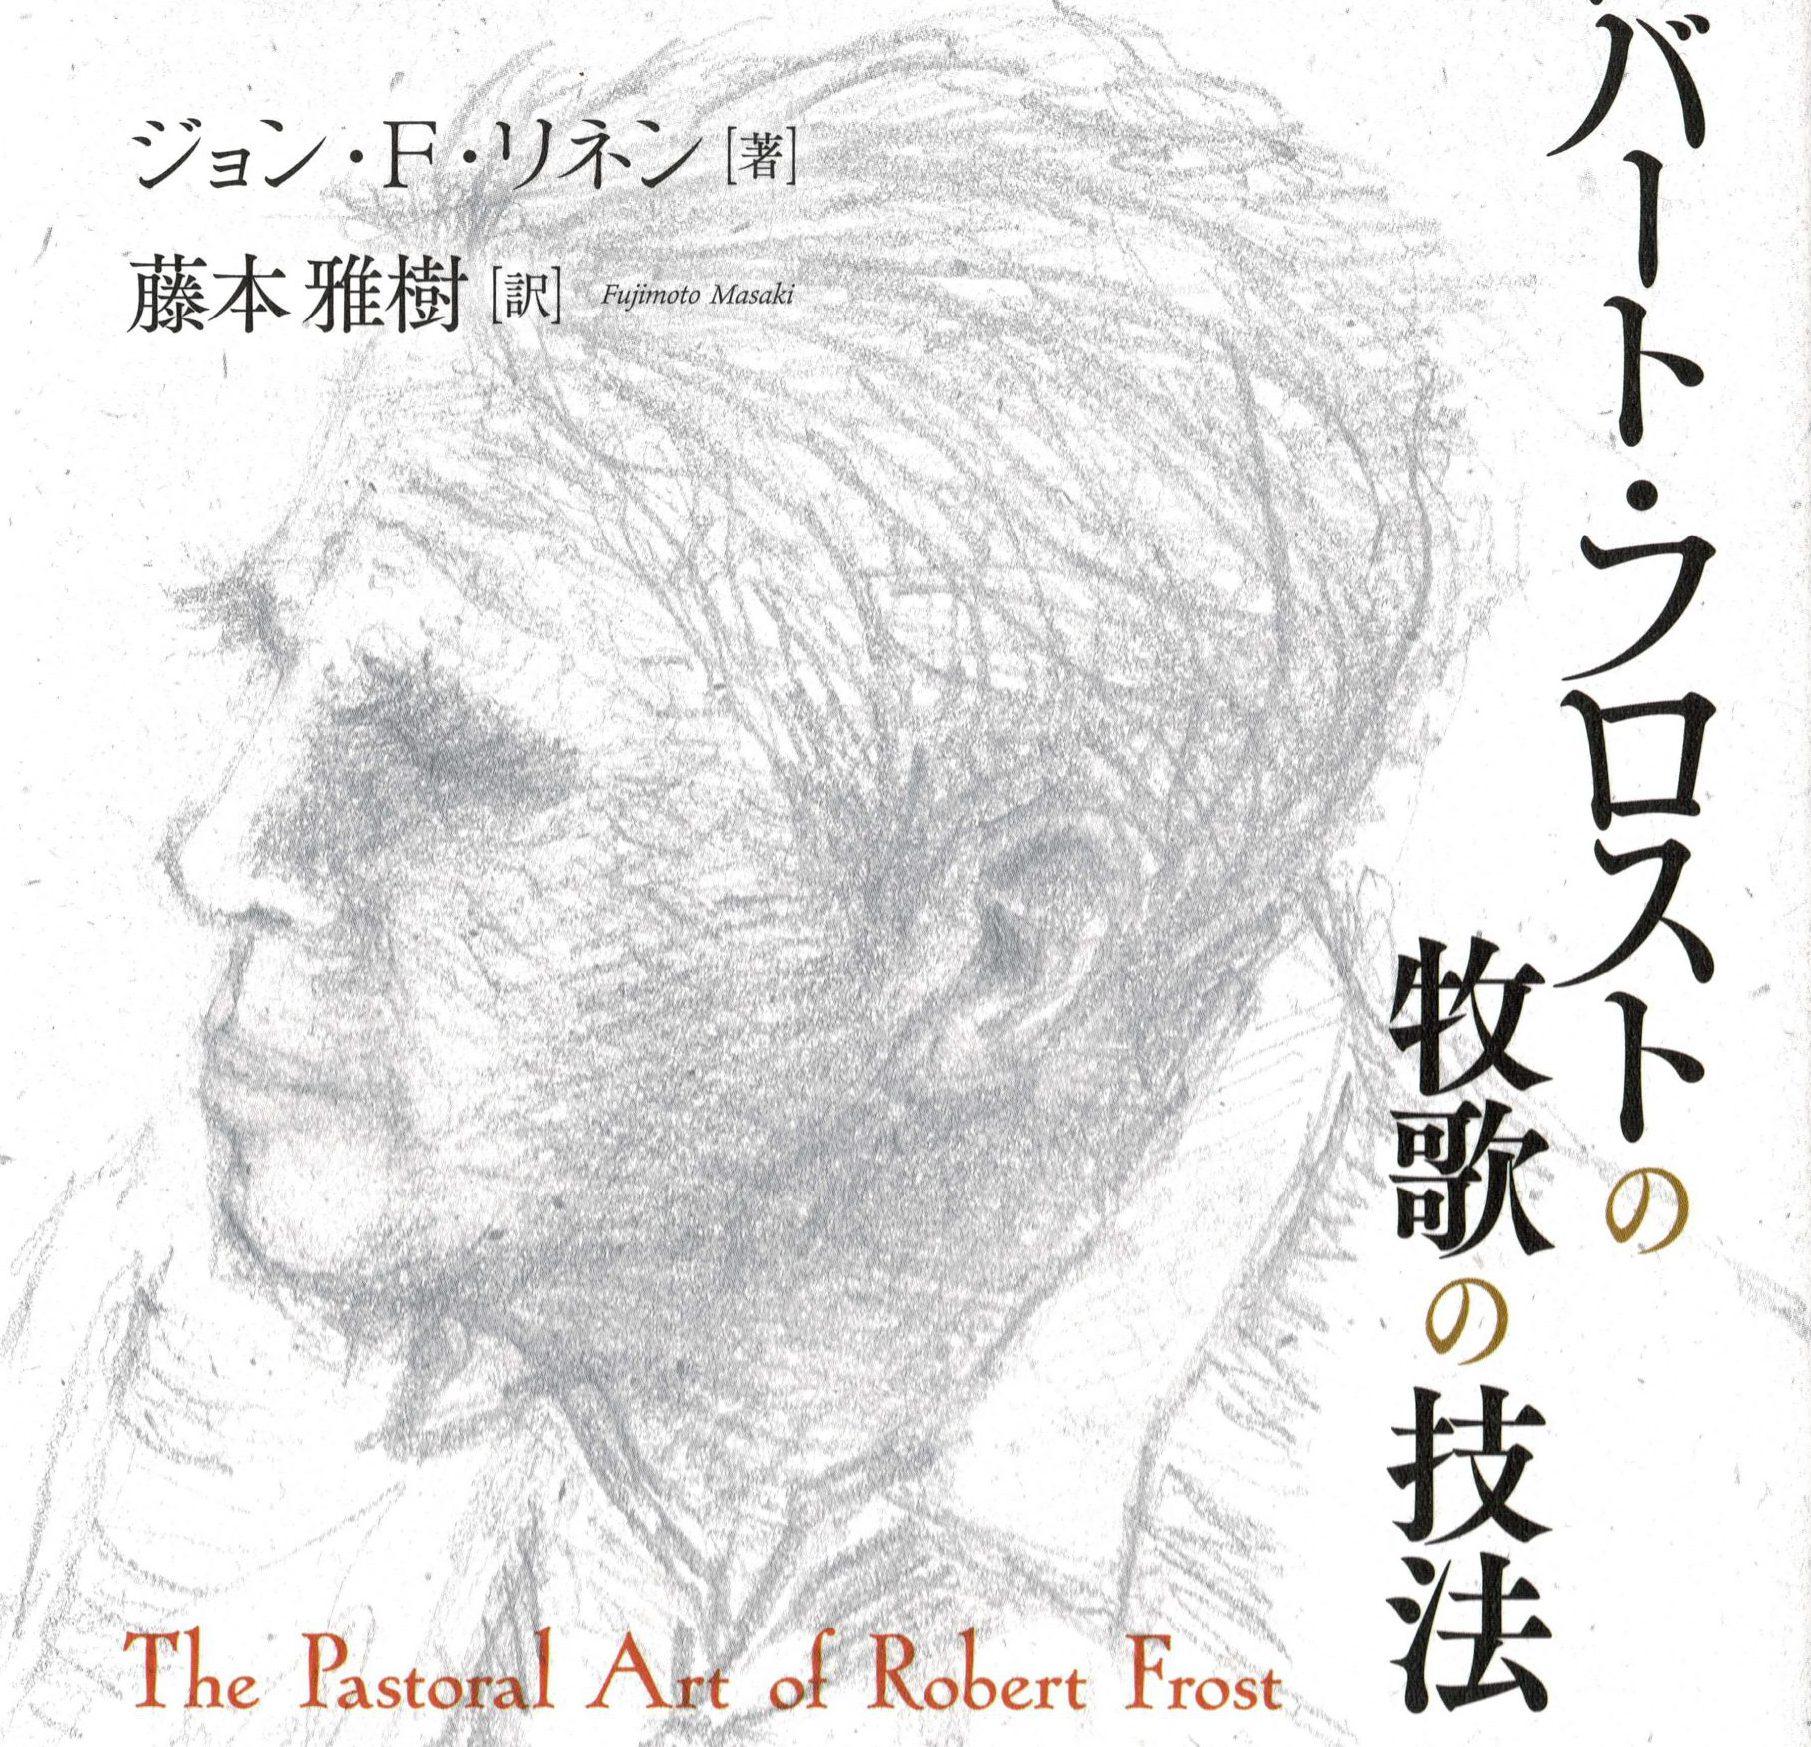 新刊紹介:ロバート・F・リネン 著 藤本雅樹 訳『ロバート・フロストの牧歌の技法』